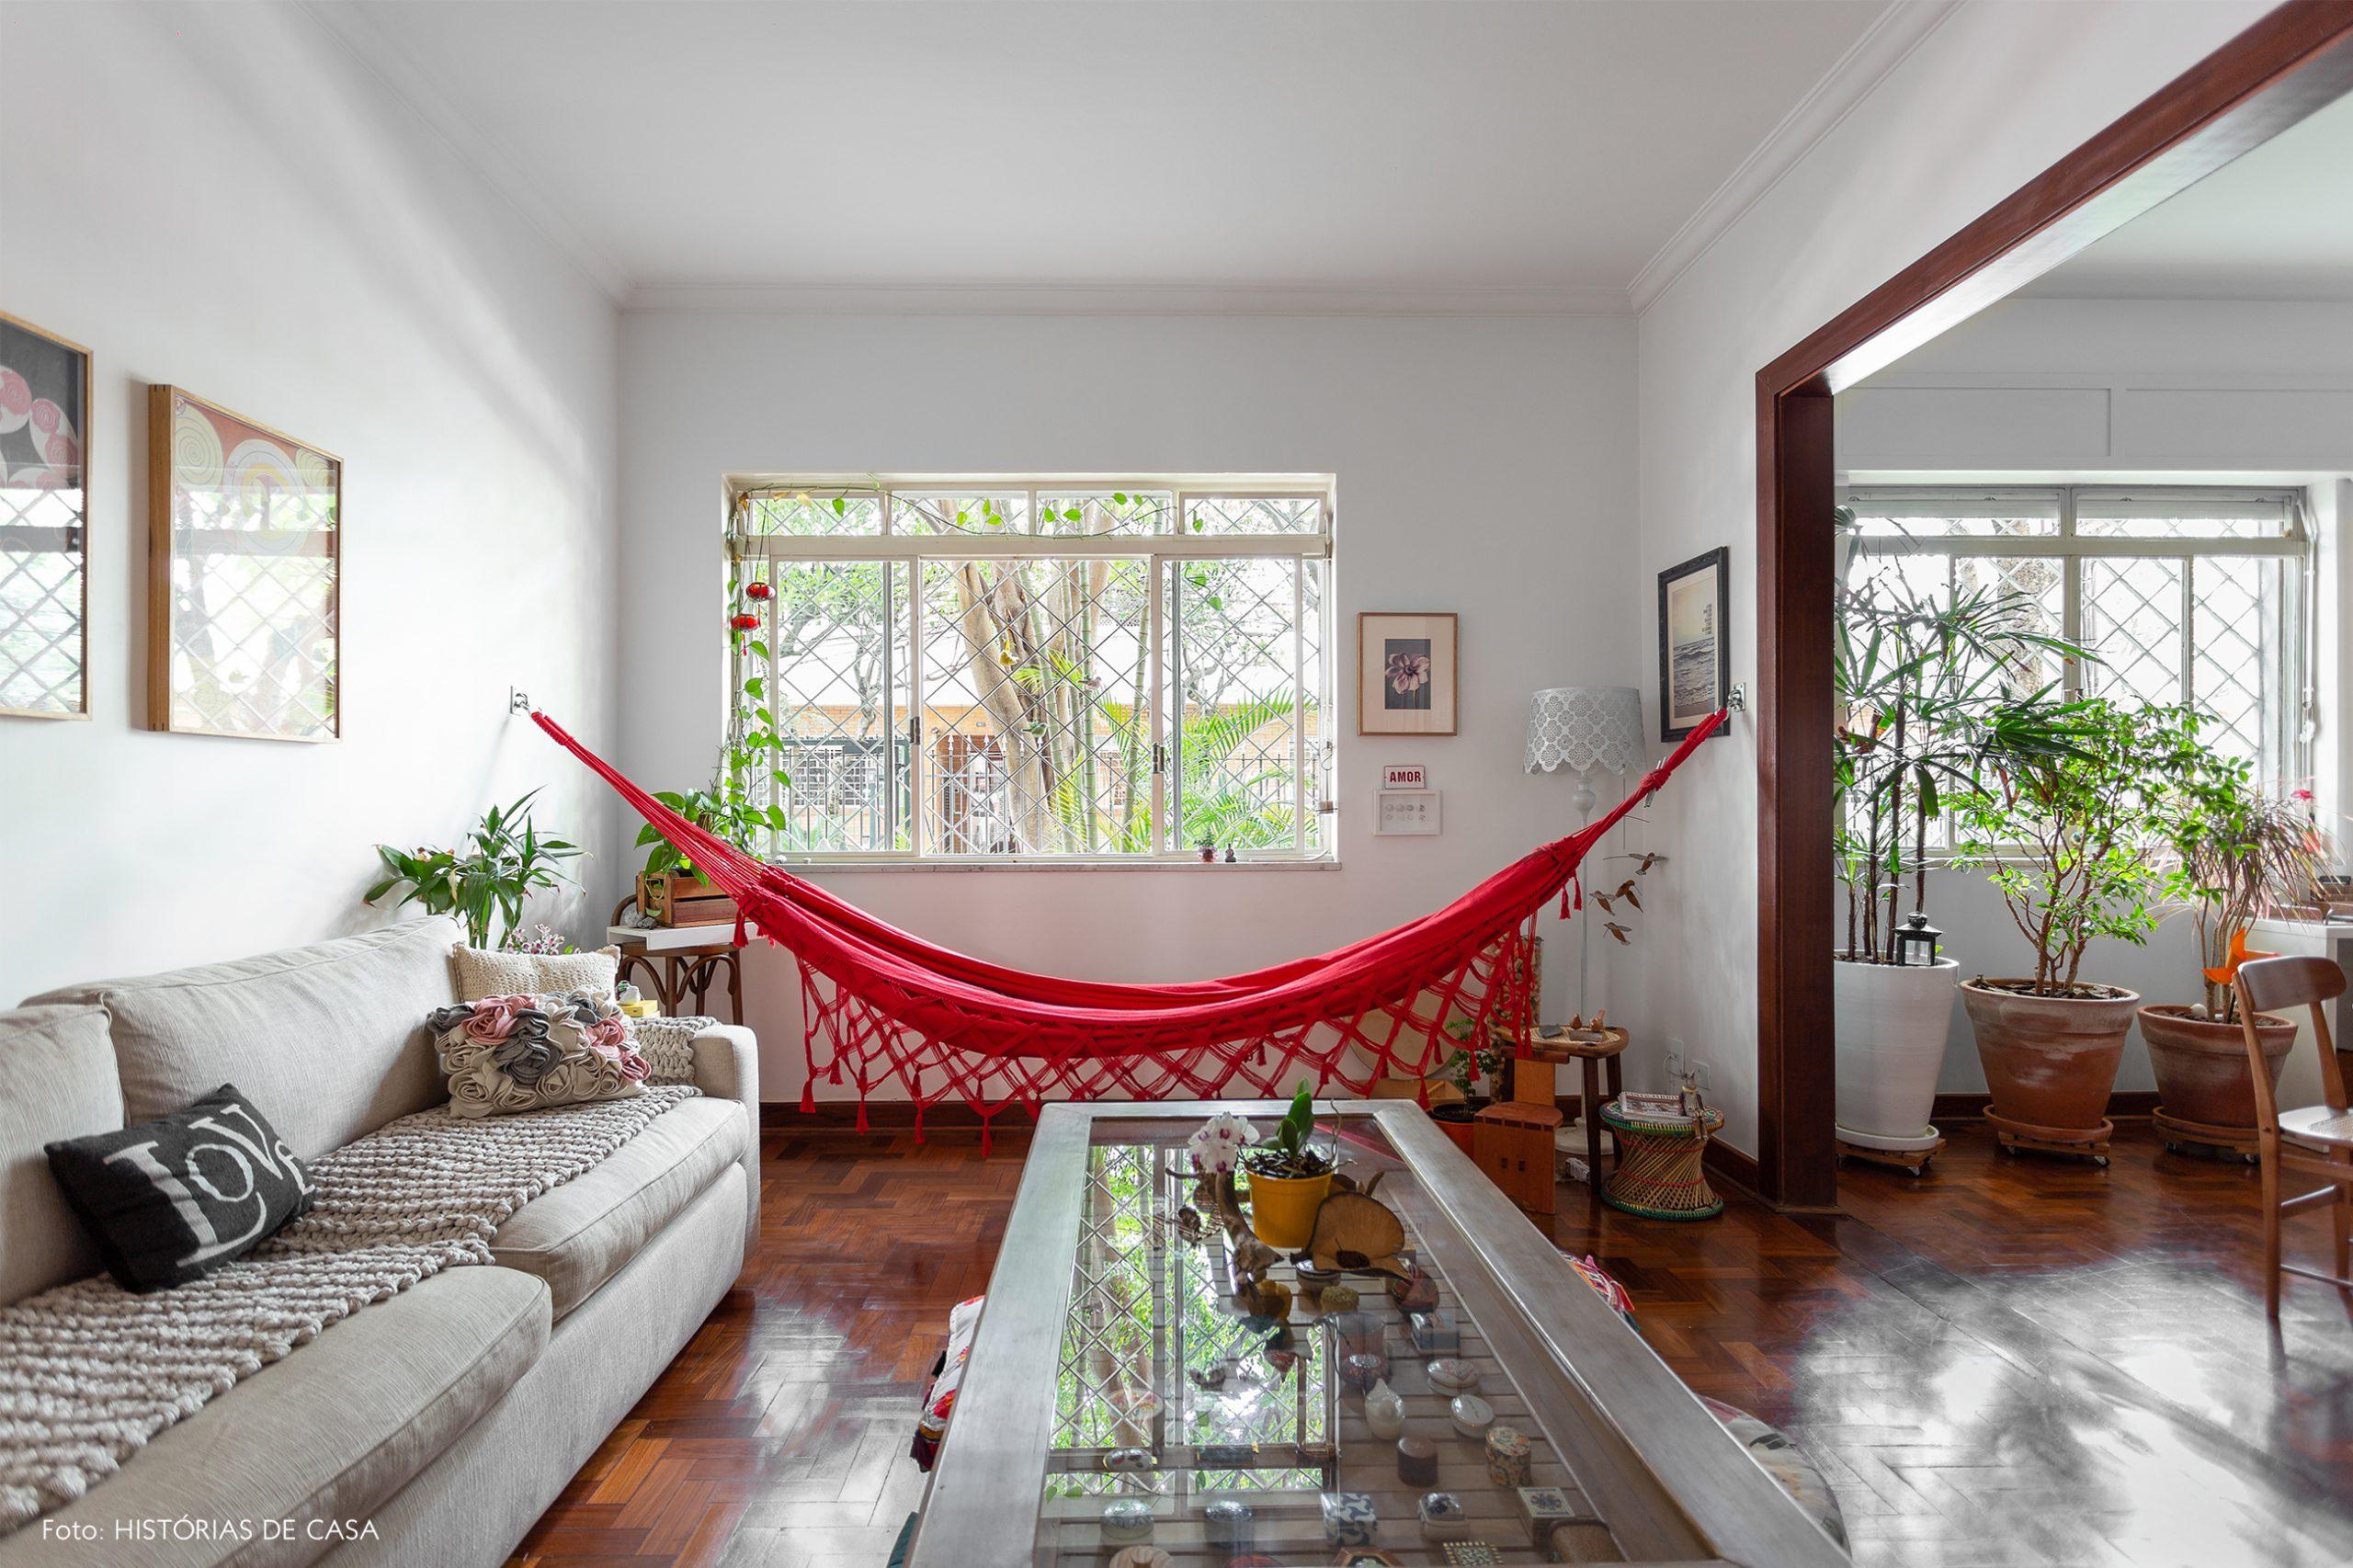 decoração sala com rede vermelha sofa cinza e mesa de centro de madeira